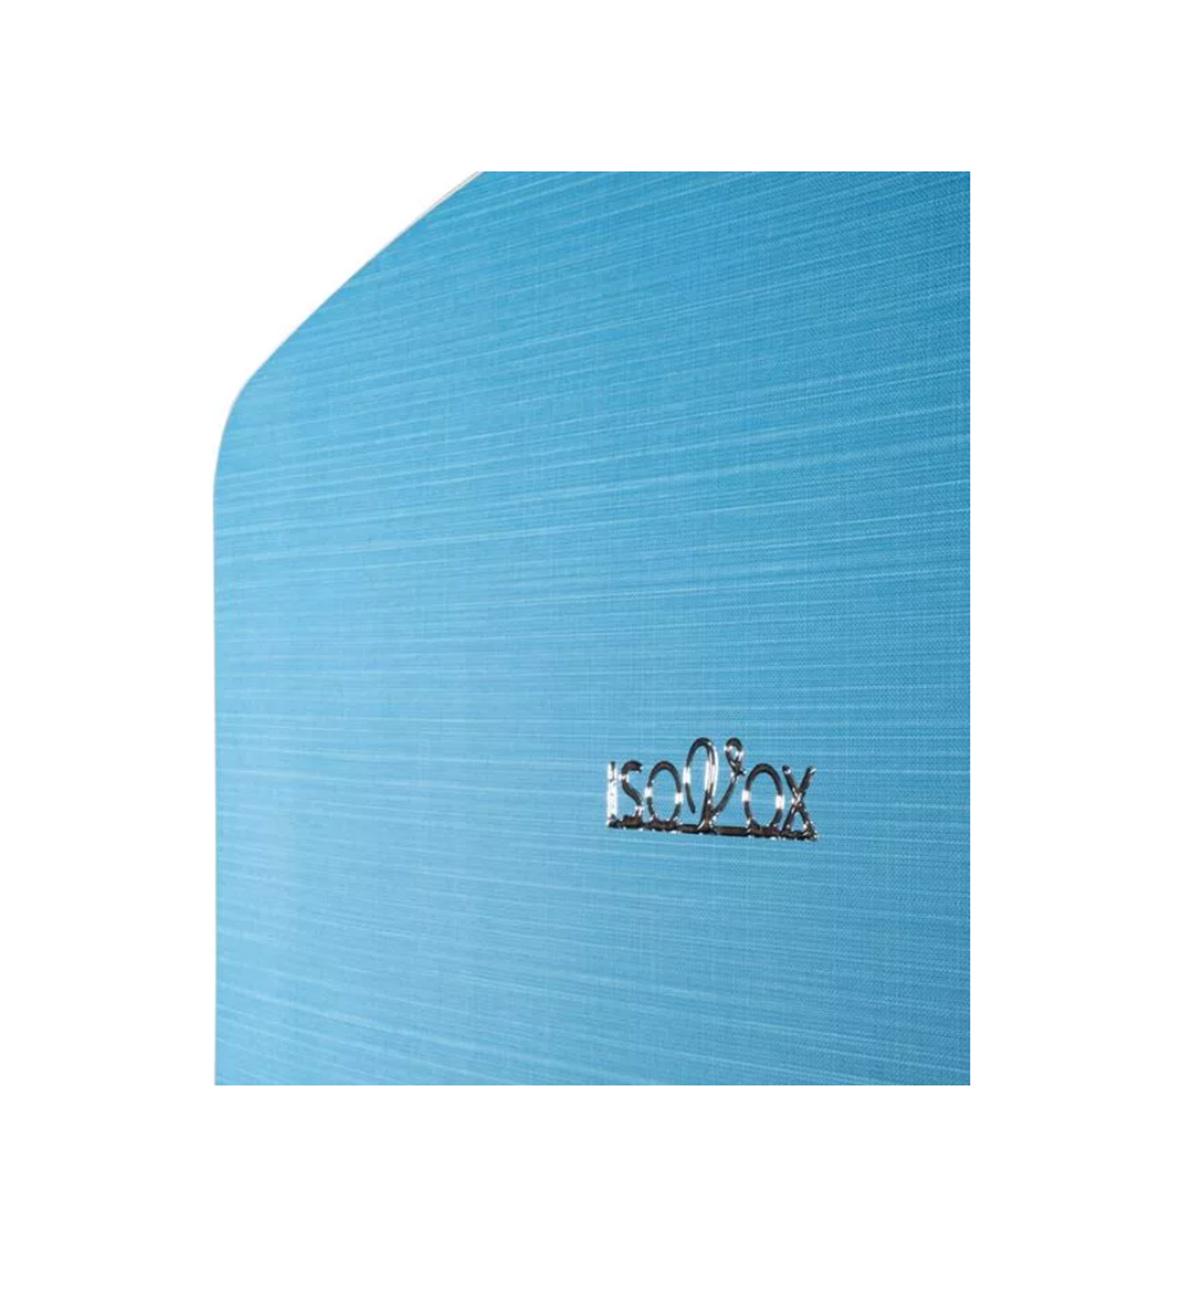 CABINE P/ISOLAMENTO ACÚSTICO VOCAL ISOVOX 2 OCEAN BLUE